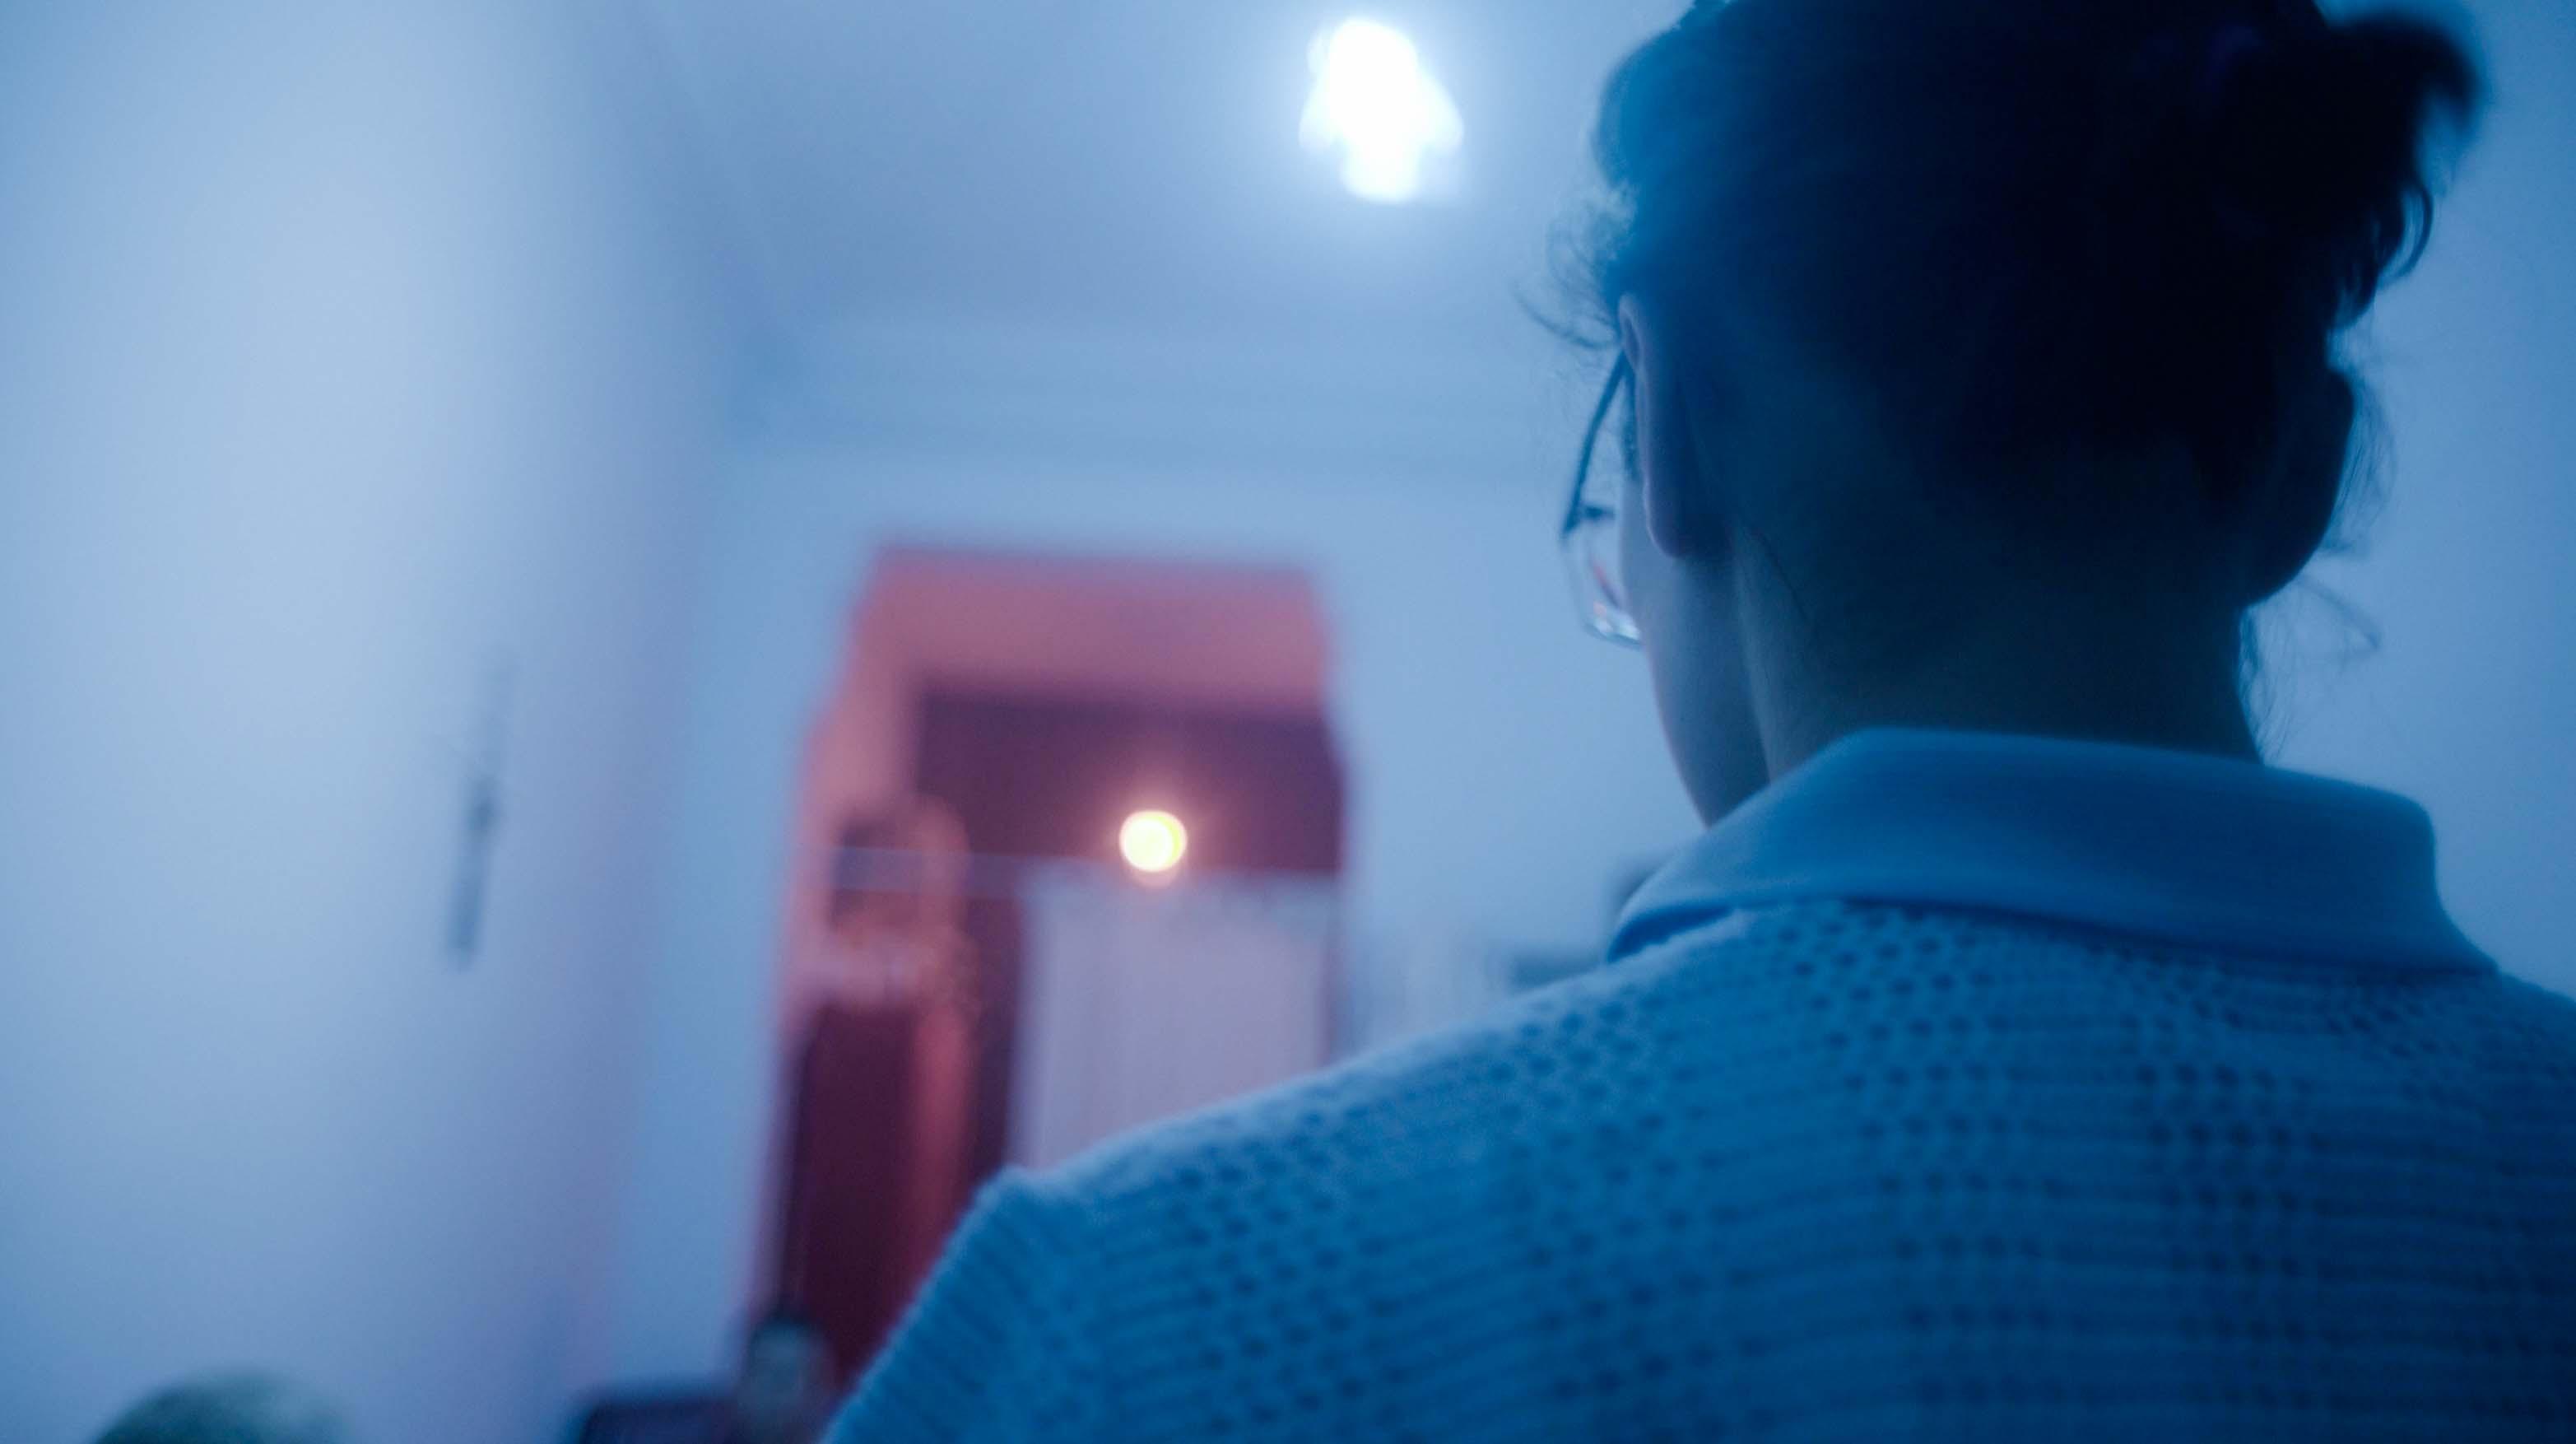 Light of my night